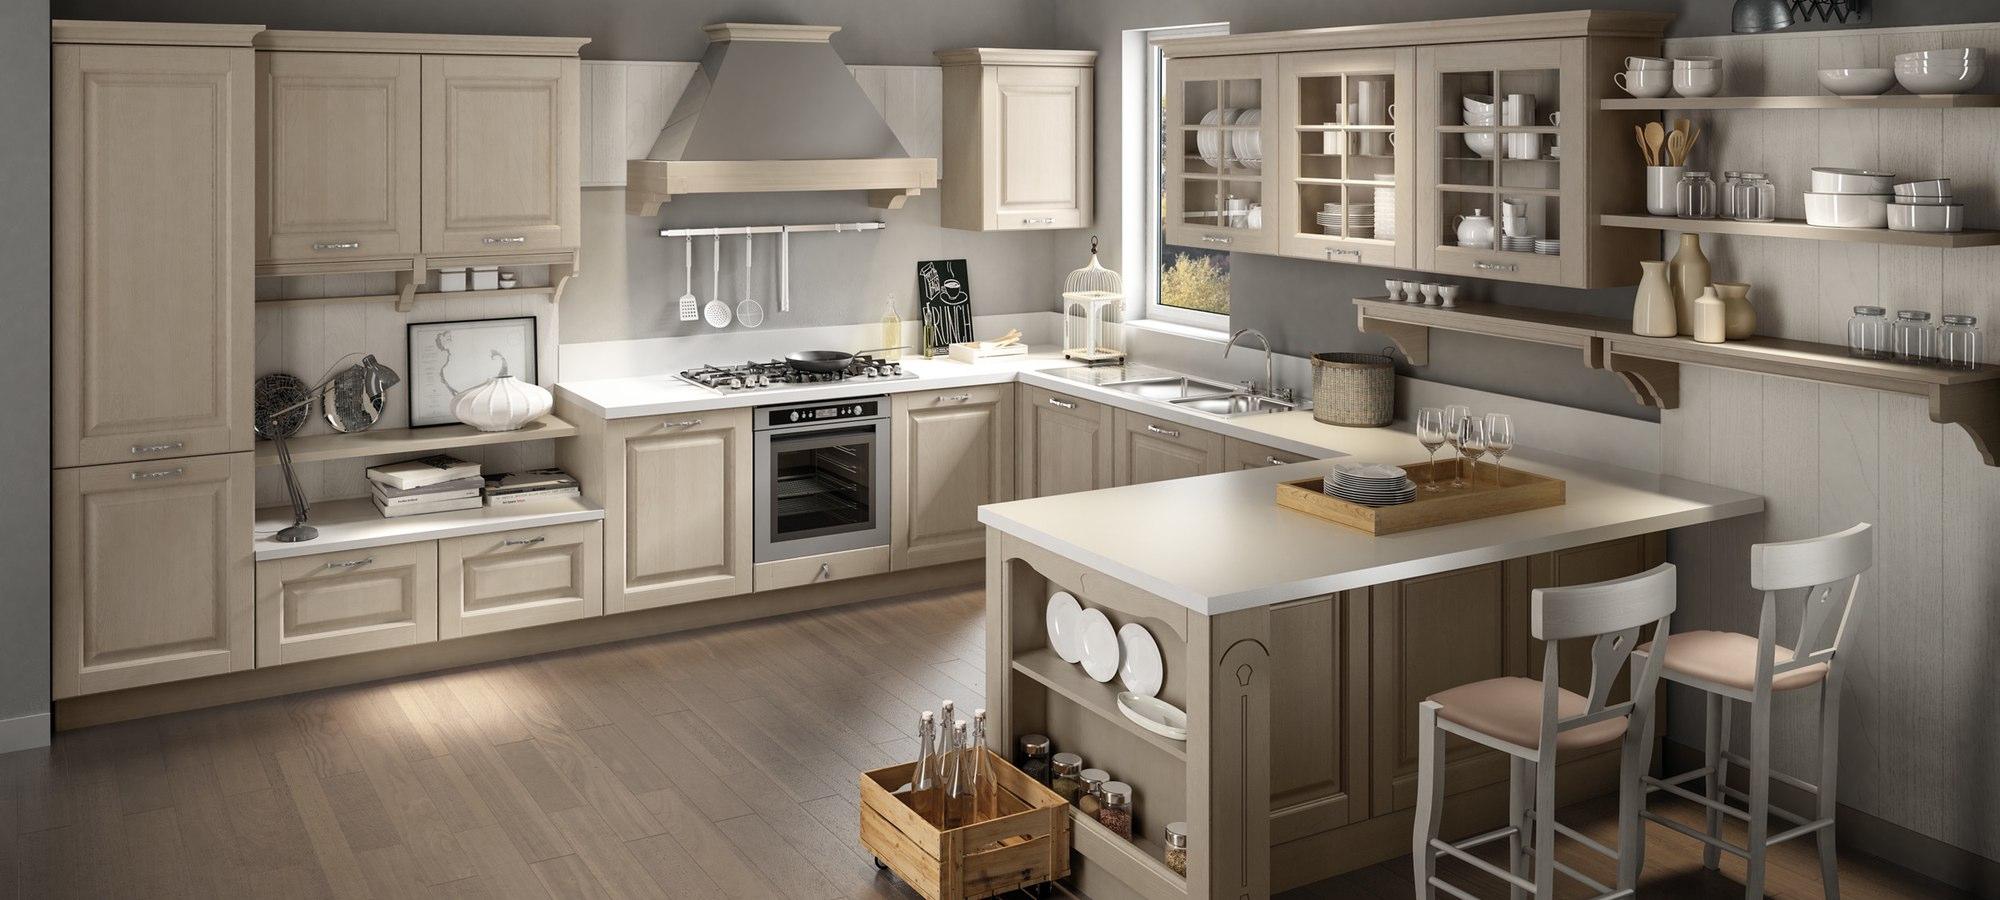 Cucine Classiche – Pagina 4 – Brennero Case Stili di Maistri Arreda Srl